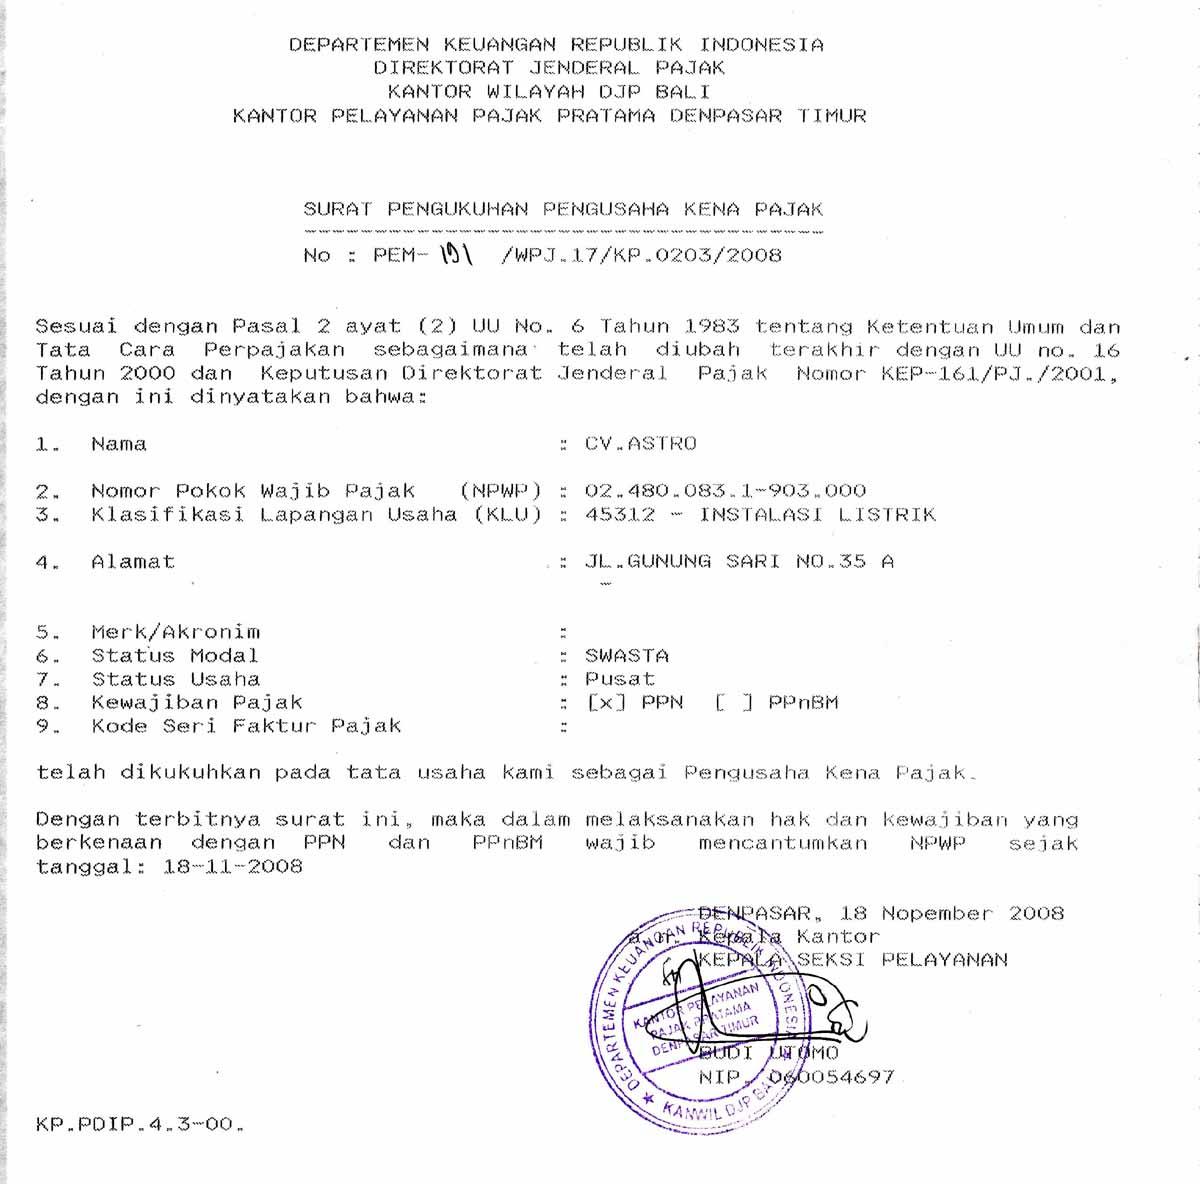 Profile Kontraktor Bali Cv Astro